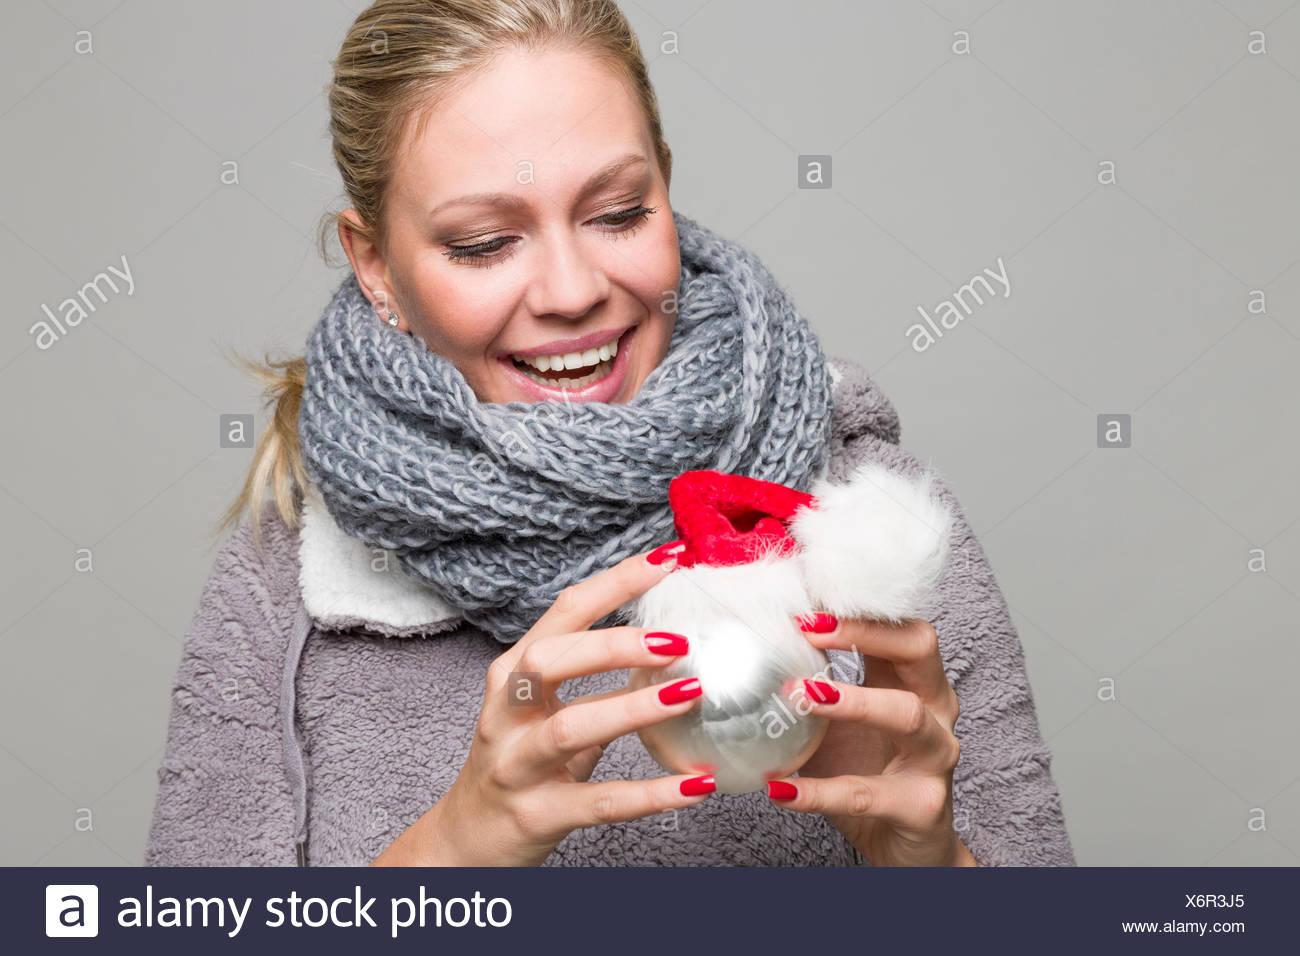 Frau mit langen blonden Haaren hält vor sich eine Christbaumkugel in weiß und silber mit einer kleinen Weihnachstmütze darauf - Stock Image